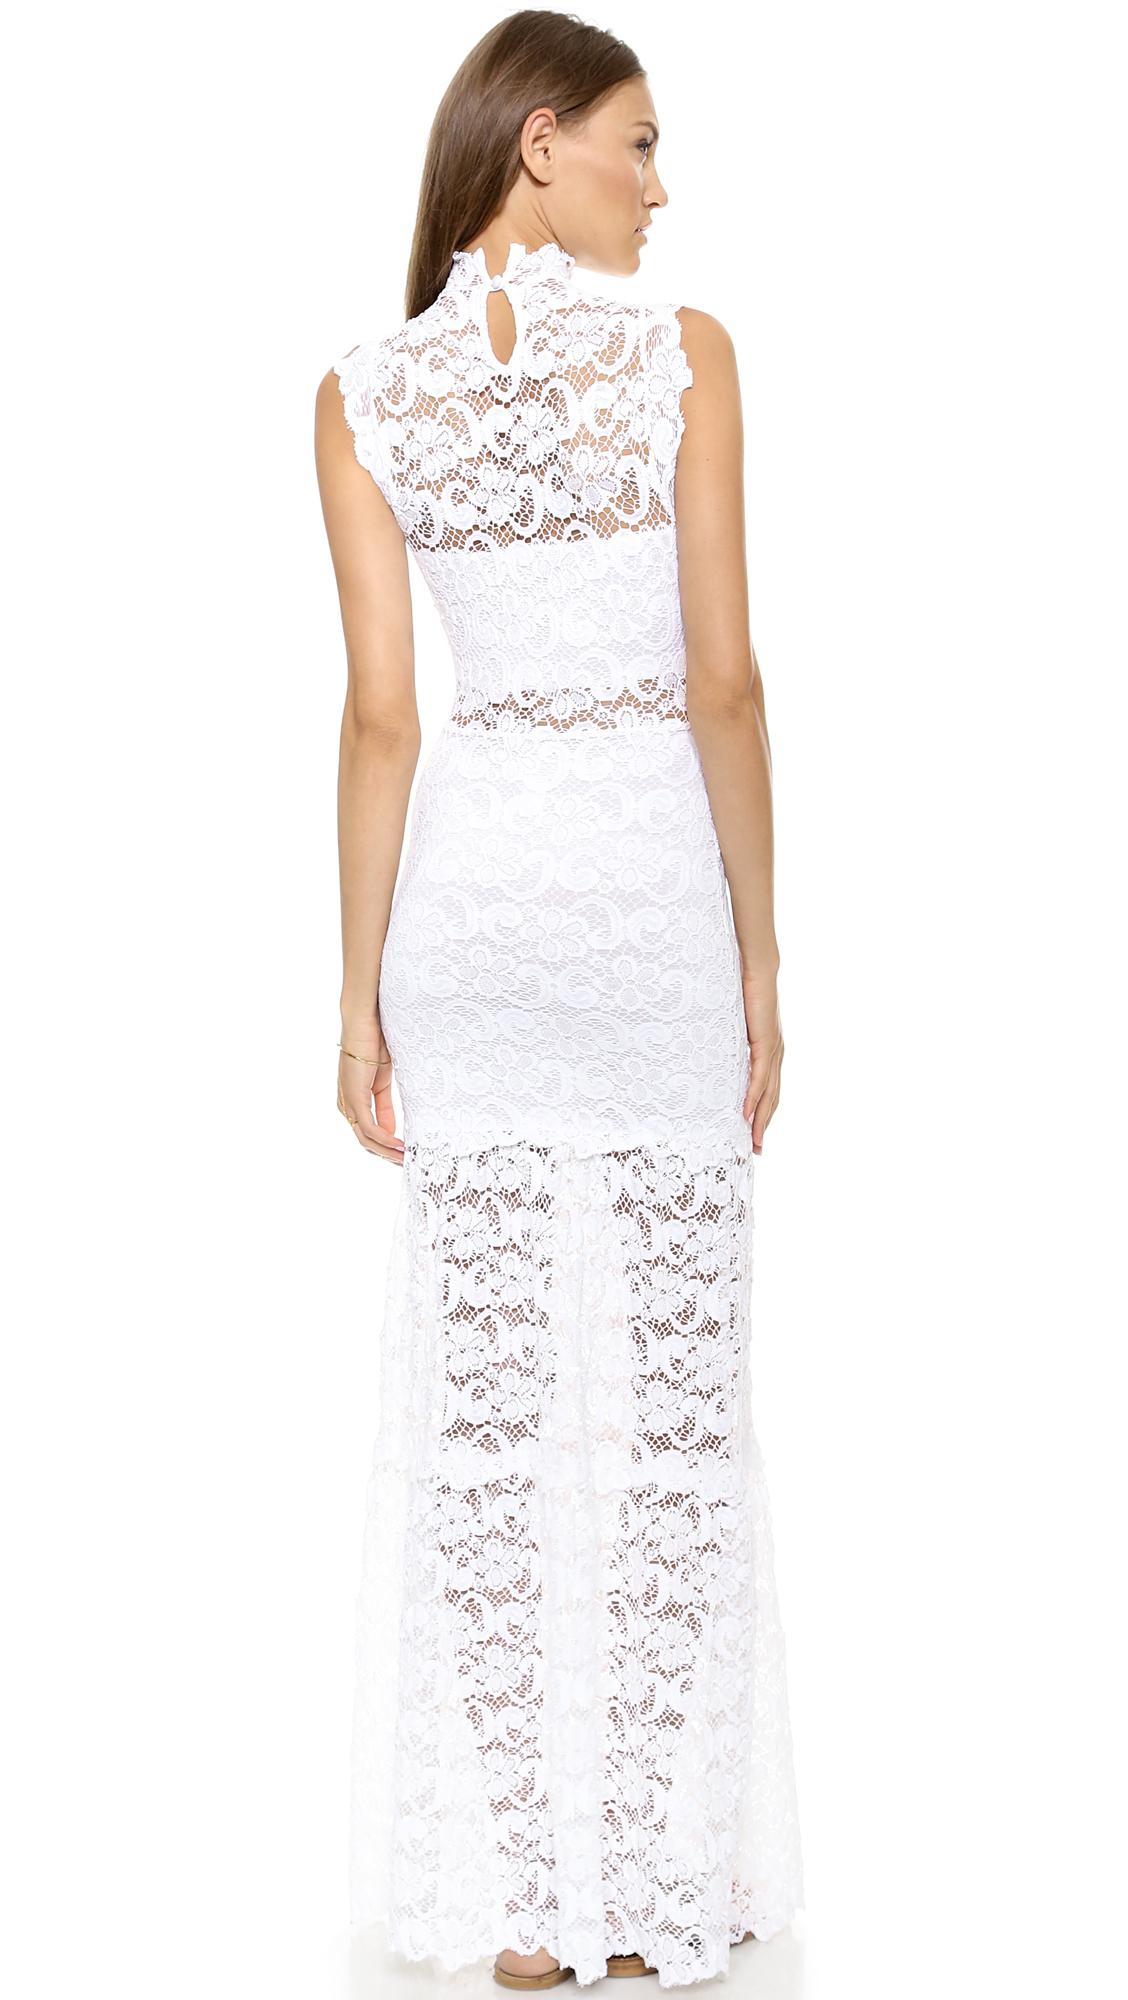 Nightcap dixie lace cut out dress